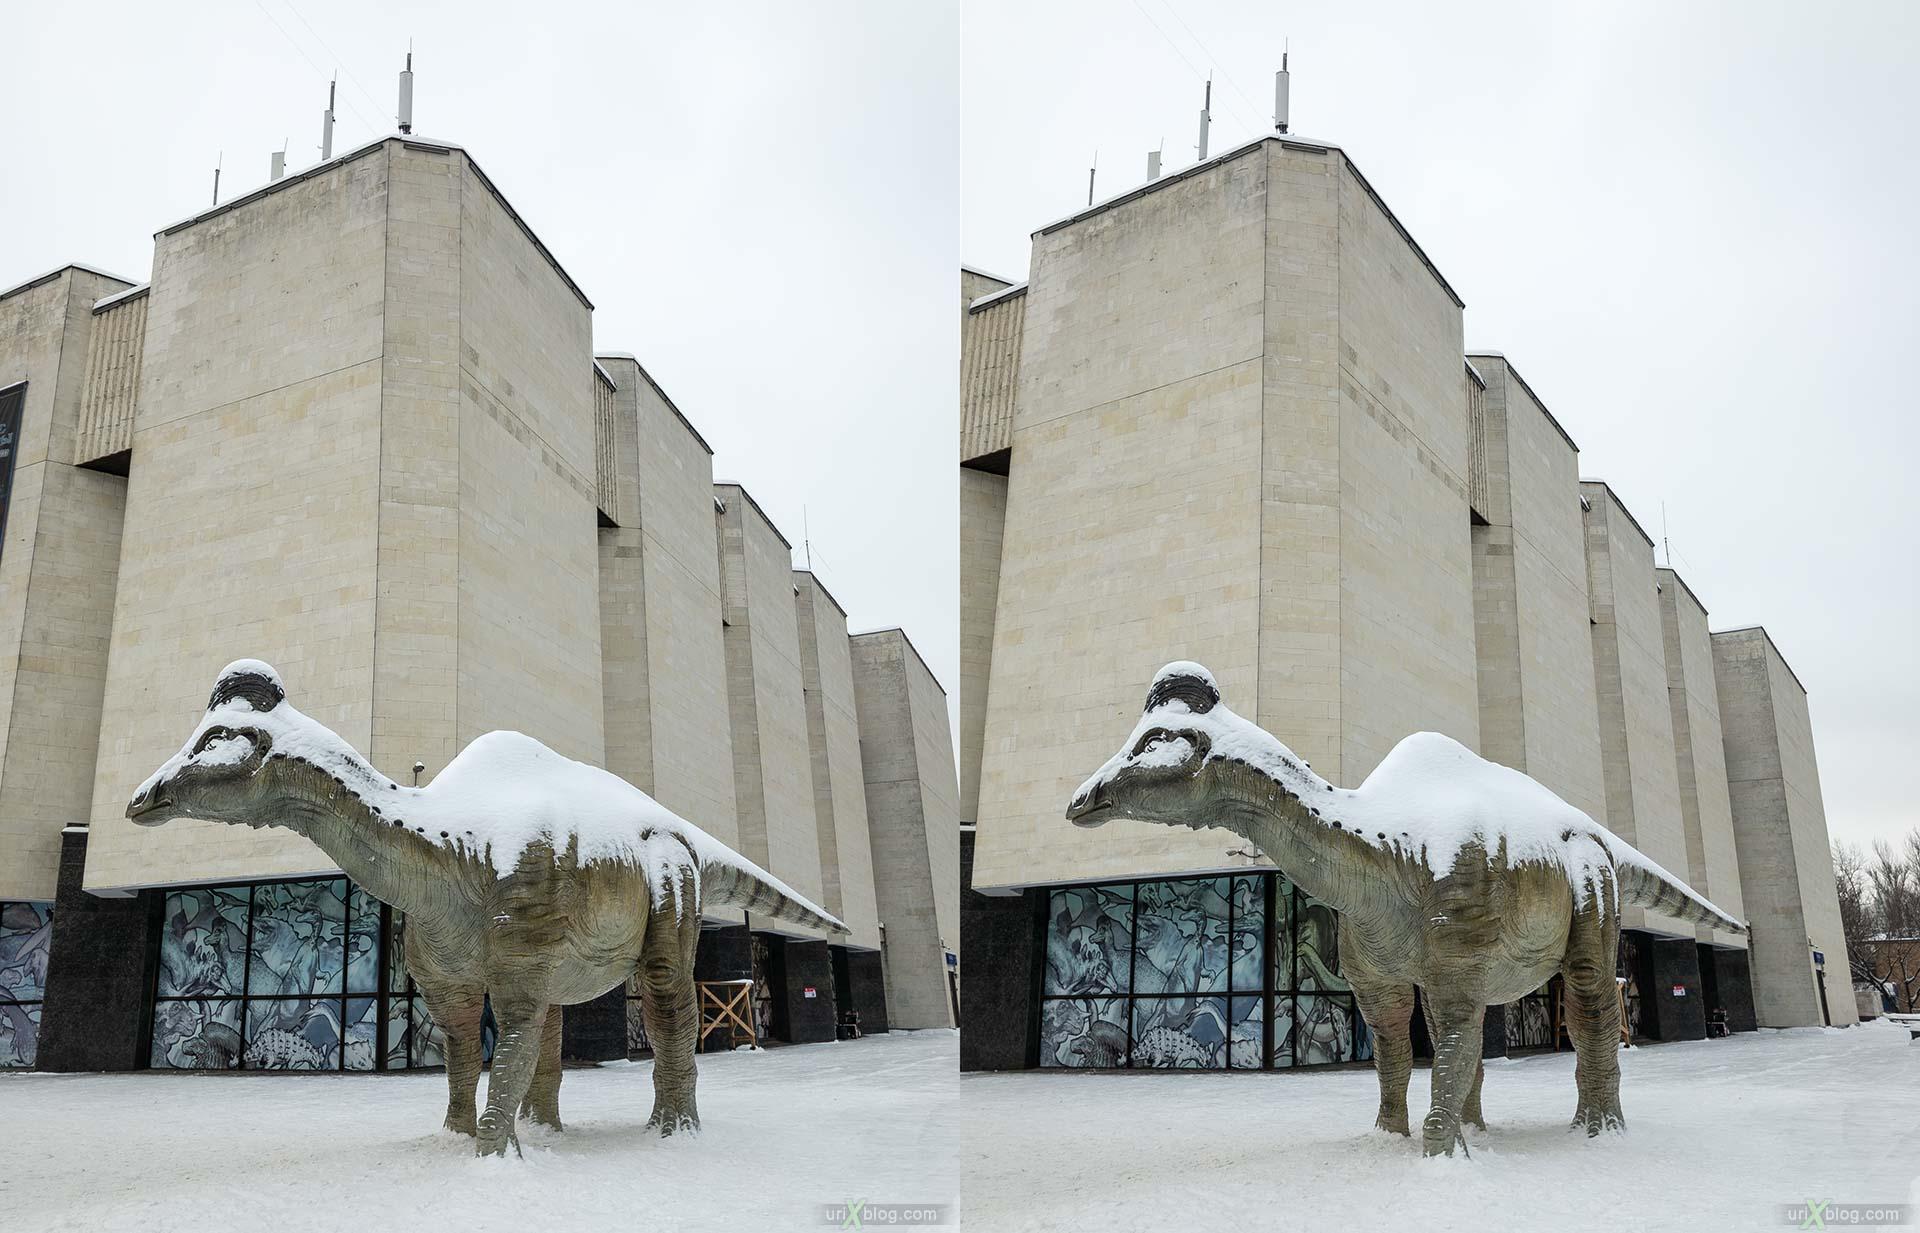 Дарвиновский музей, динозавр, Амурозавр, гадрозавр, зима, снег, Москва, Россия, 3D, перекрёстная стереопара, стерео, стереопара